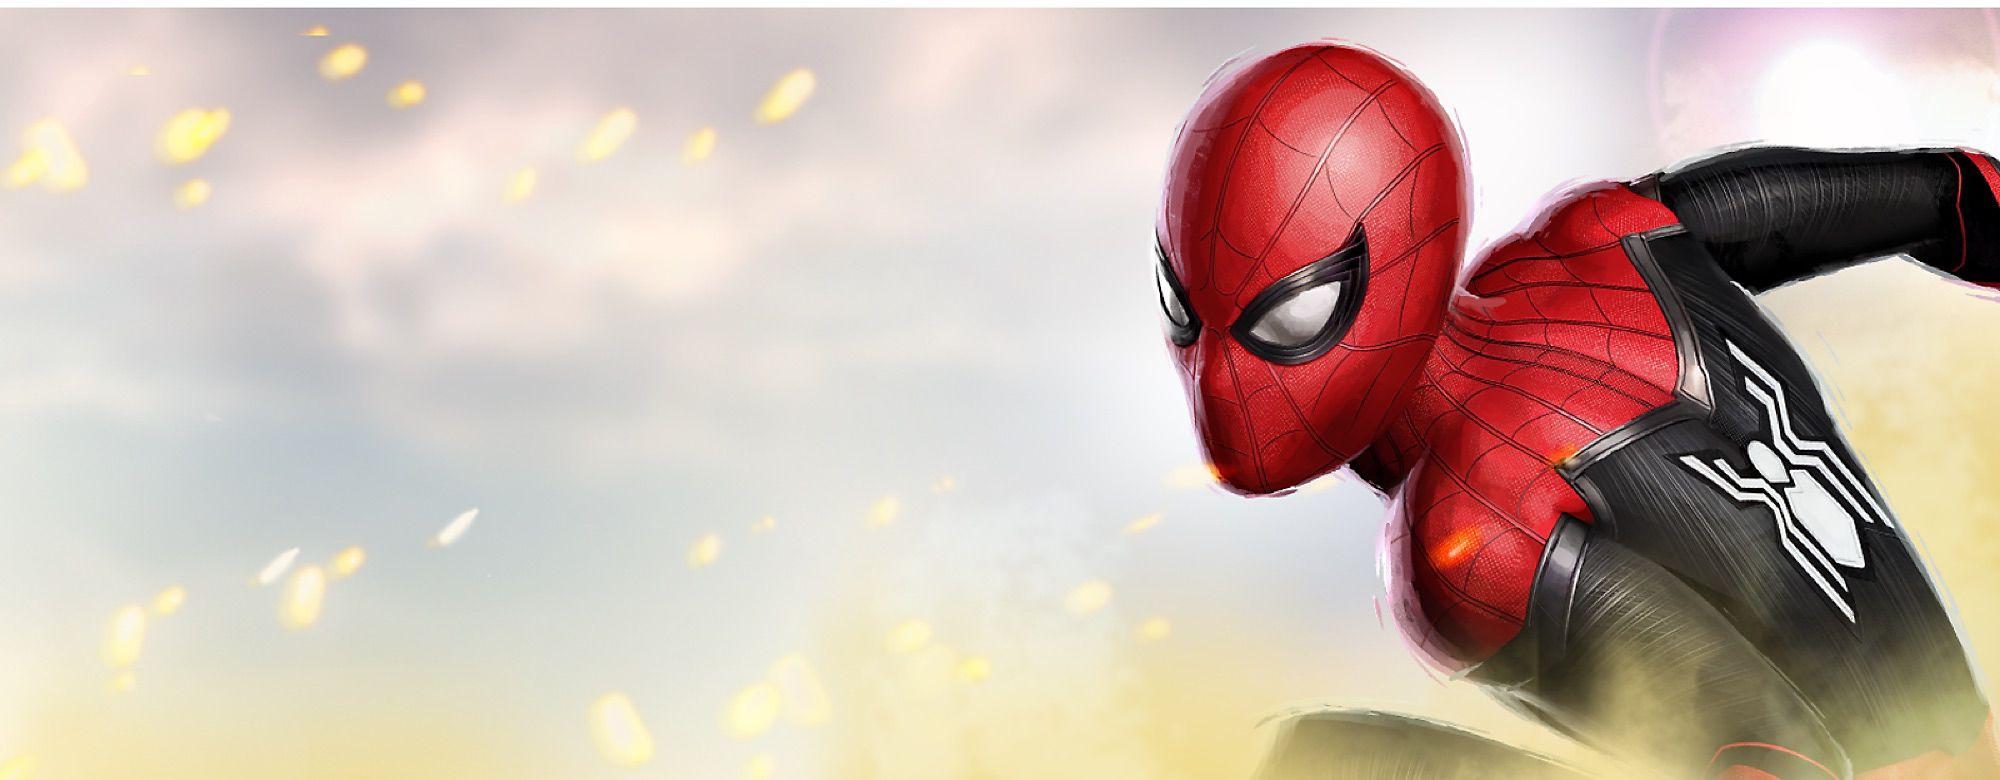 """Spider-Man: Lejos de casa Peter Parker y sus amigos dedicen veranear en Europa, donde Peter acaba intentando salvar a sus amigos de un villano llamado """"""""Mysterio"""""""". Únete a la aventura con nuestra divertida colección de juguetes, disfraces, ropa, etc. Lanzamiento en julio de 2019"""